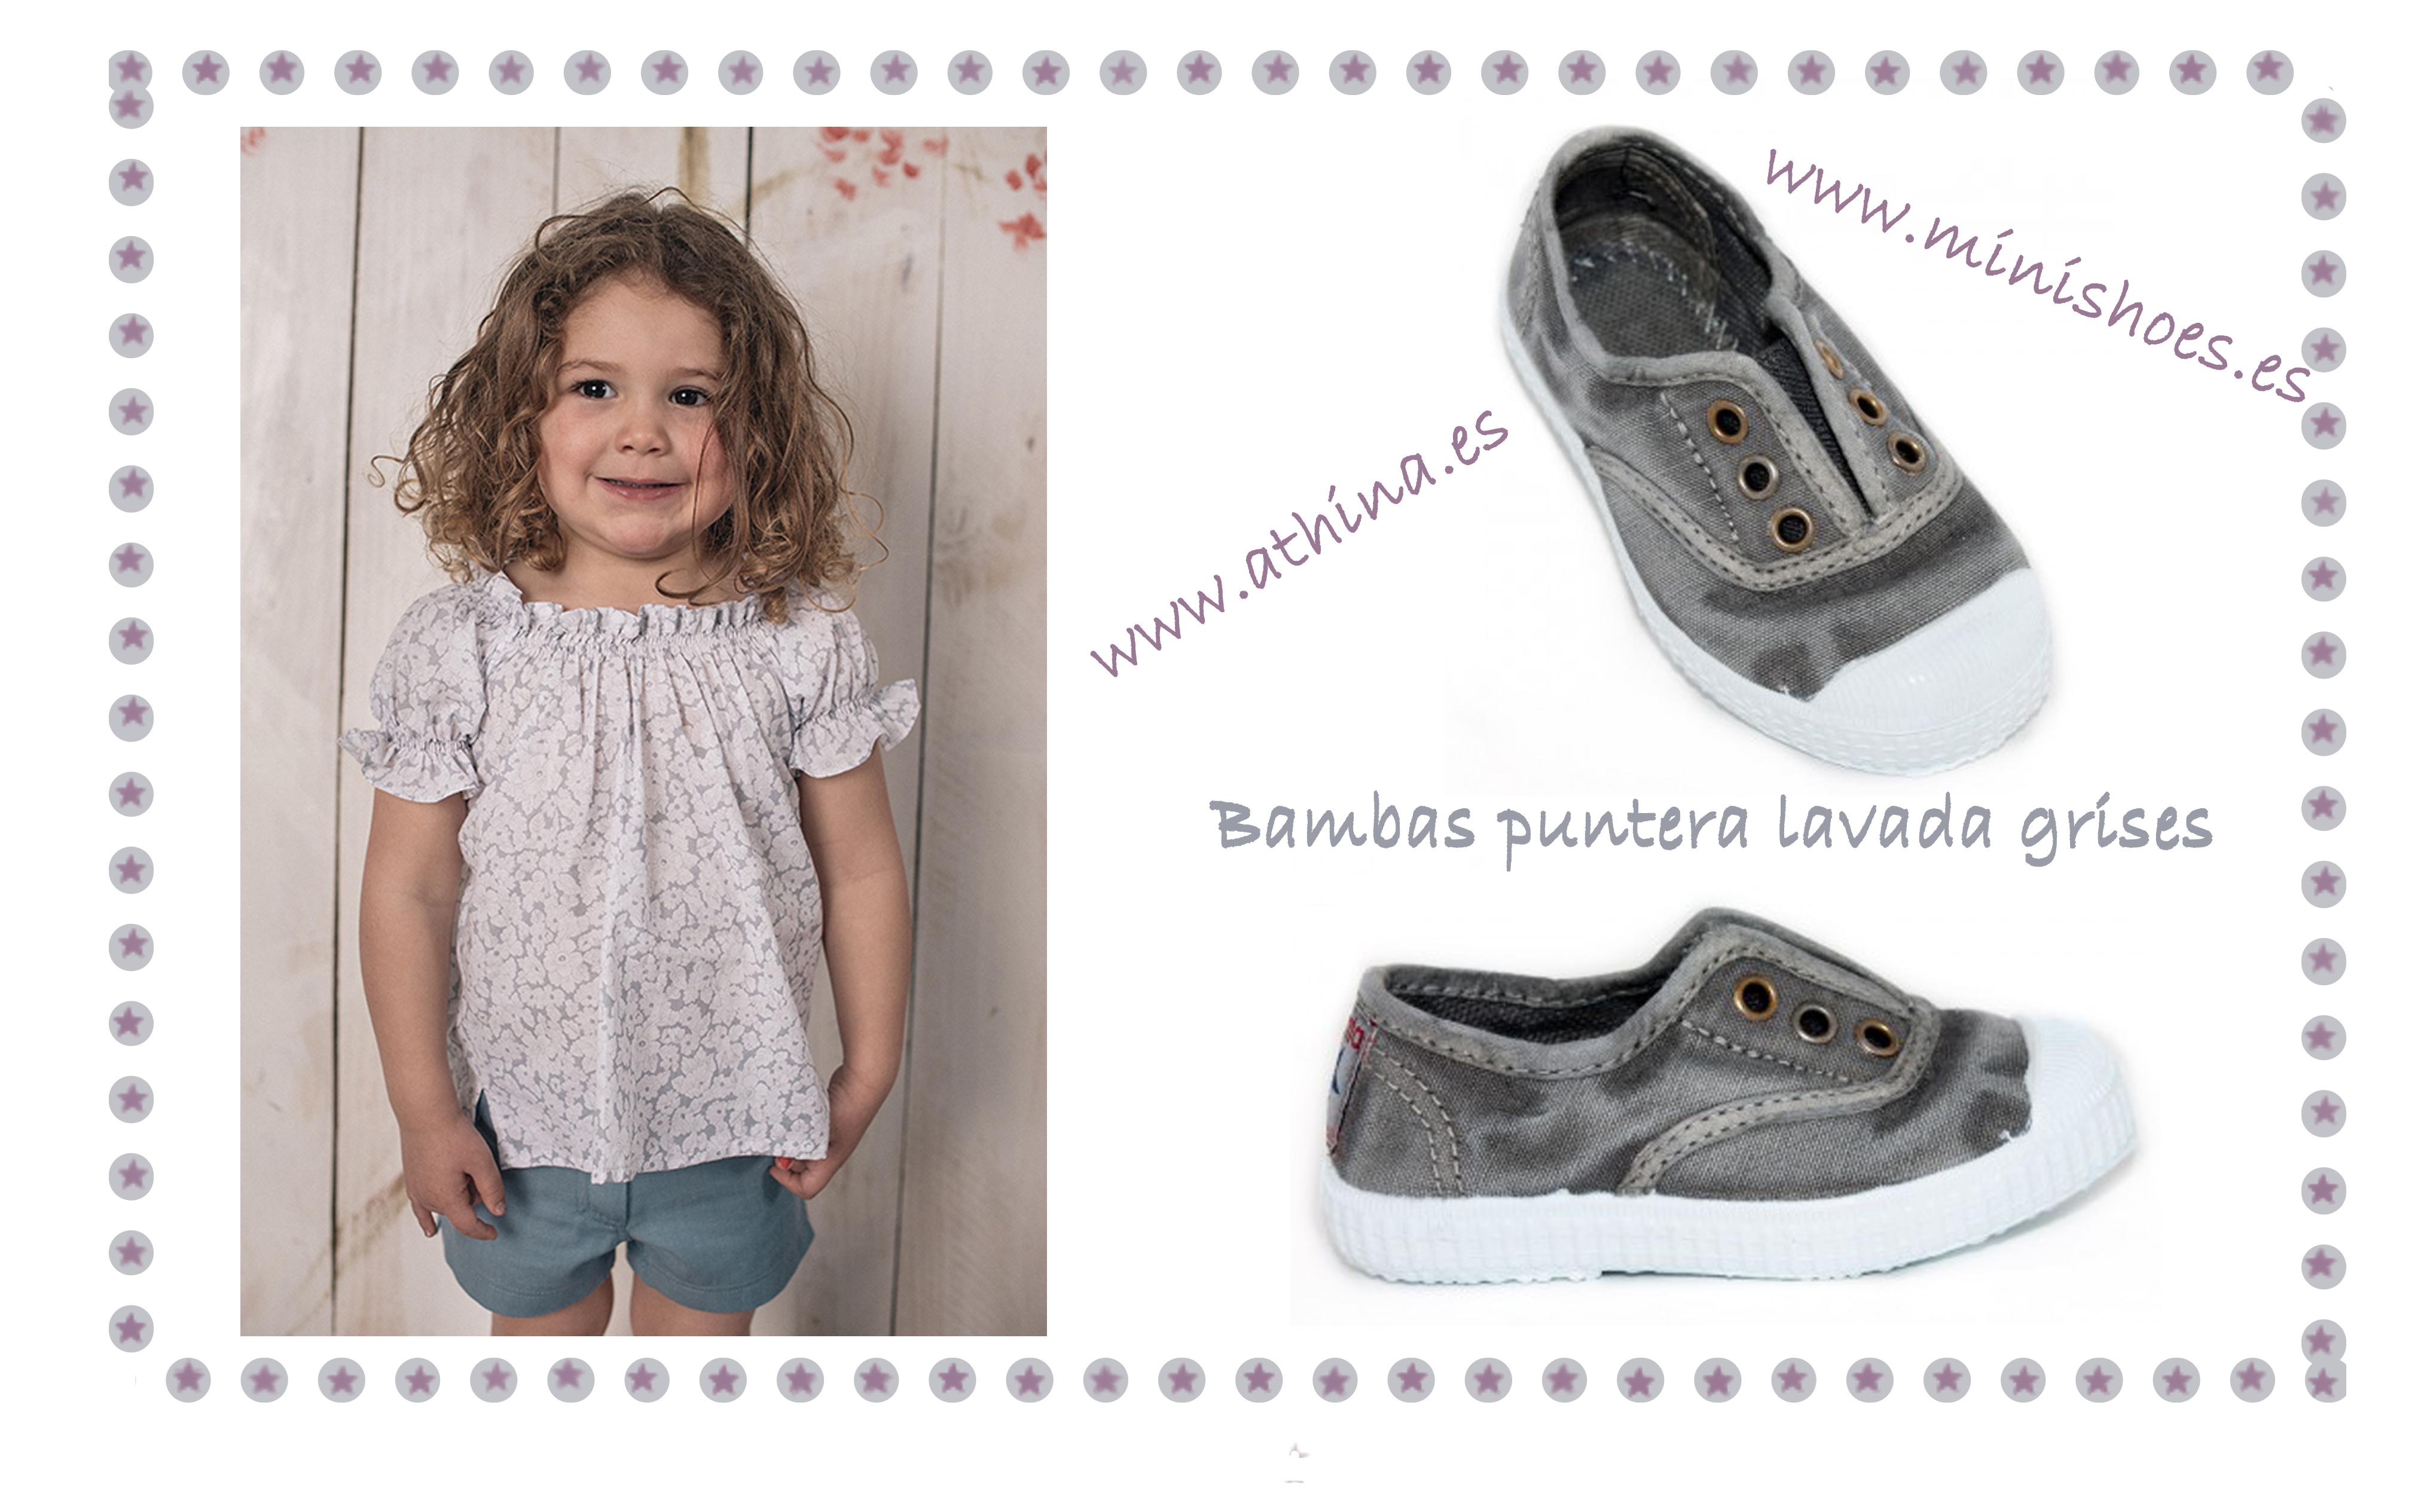 Minishoes, un gran descubrimiento…